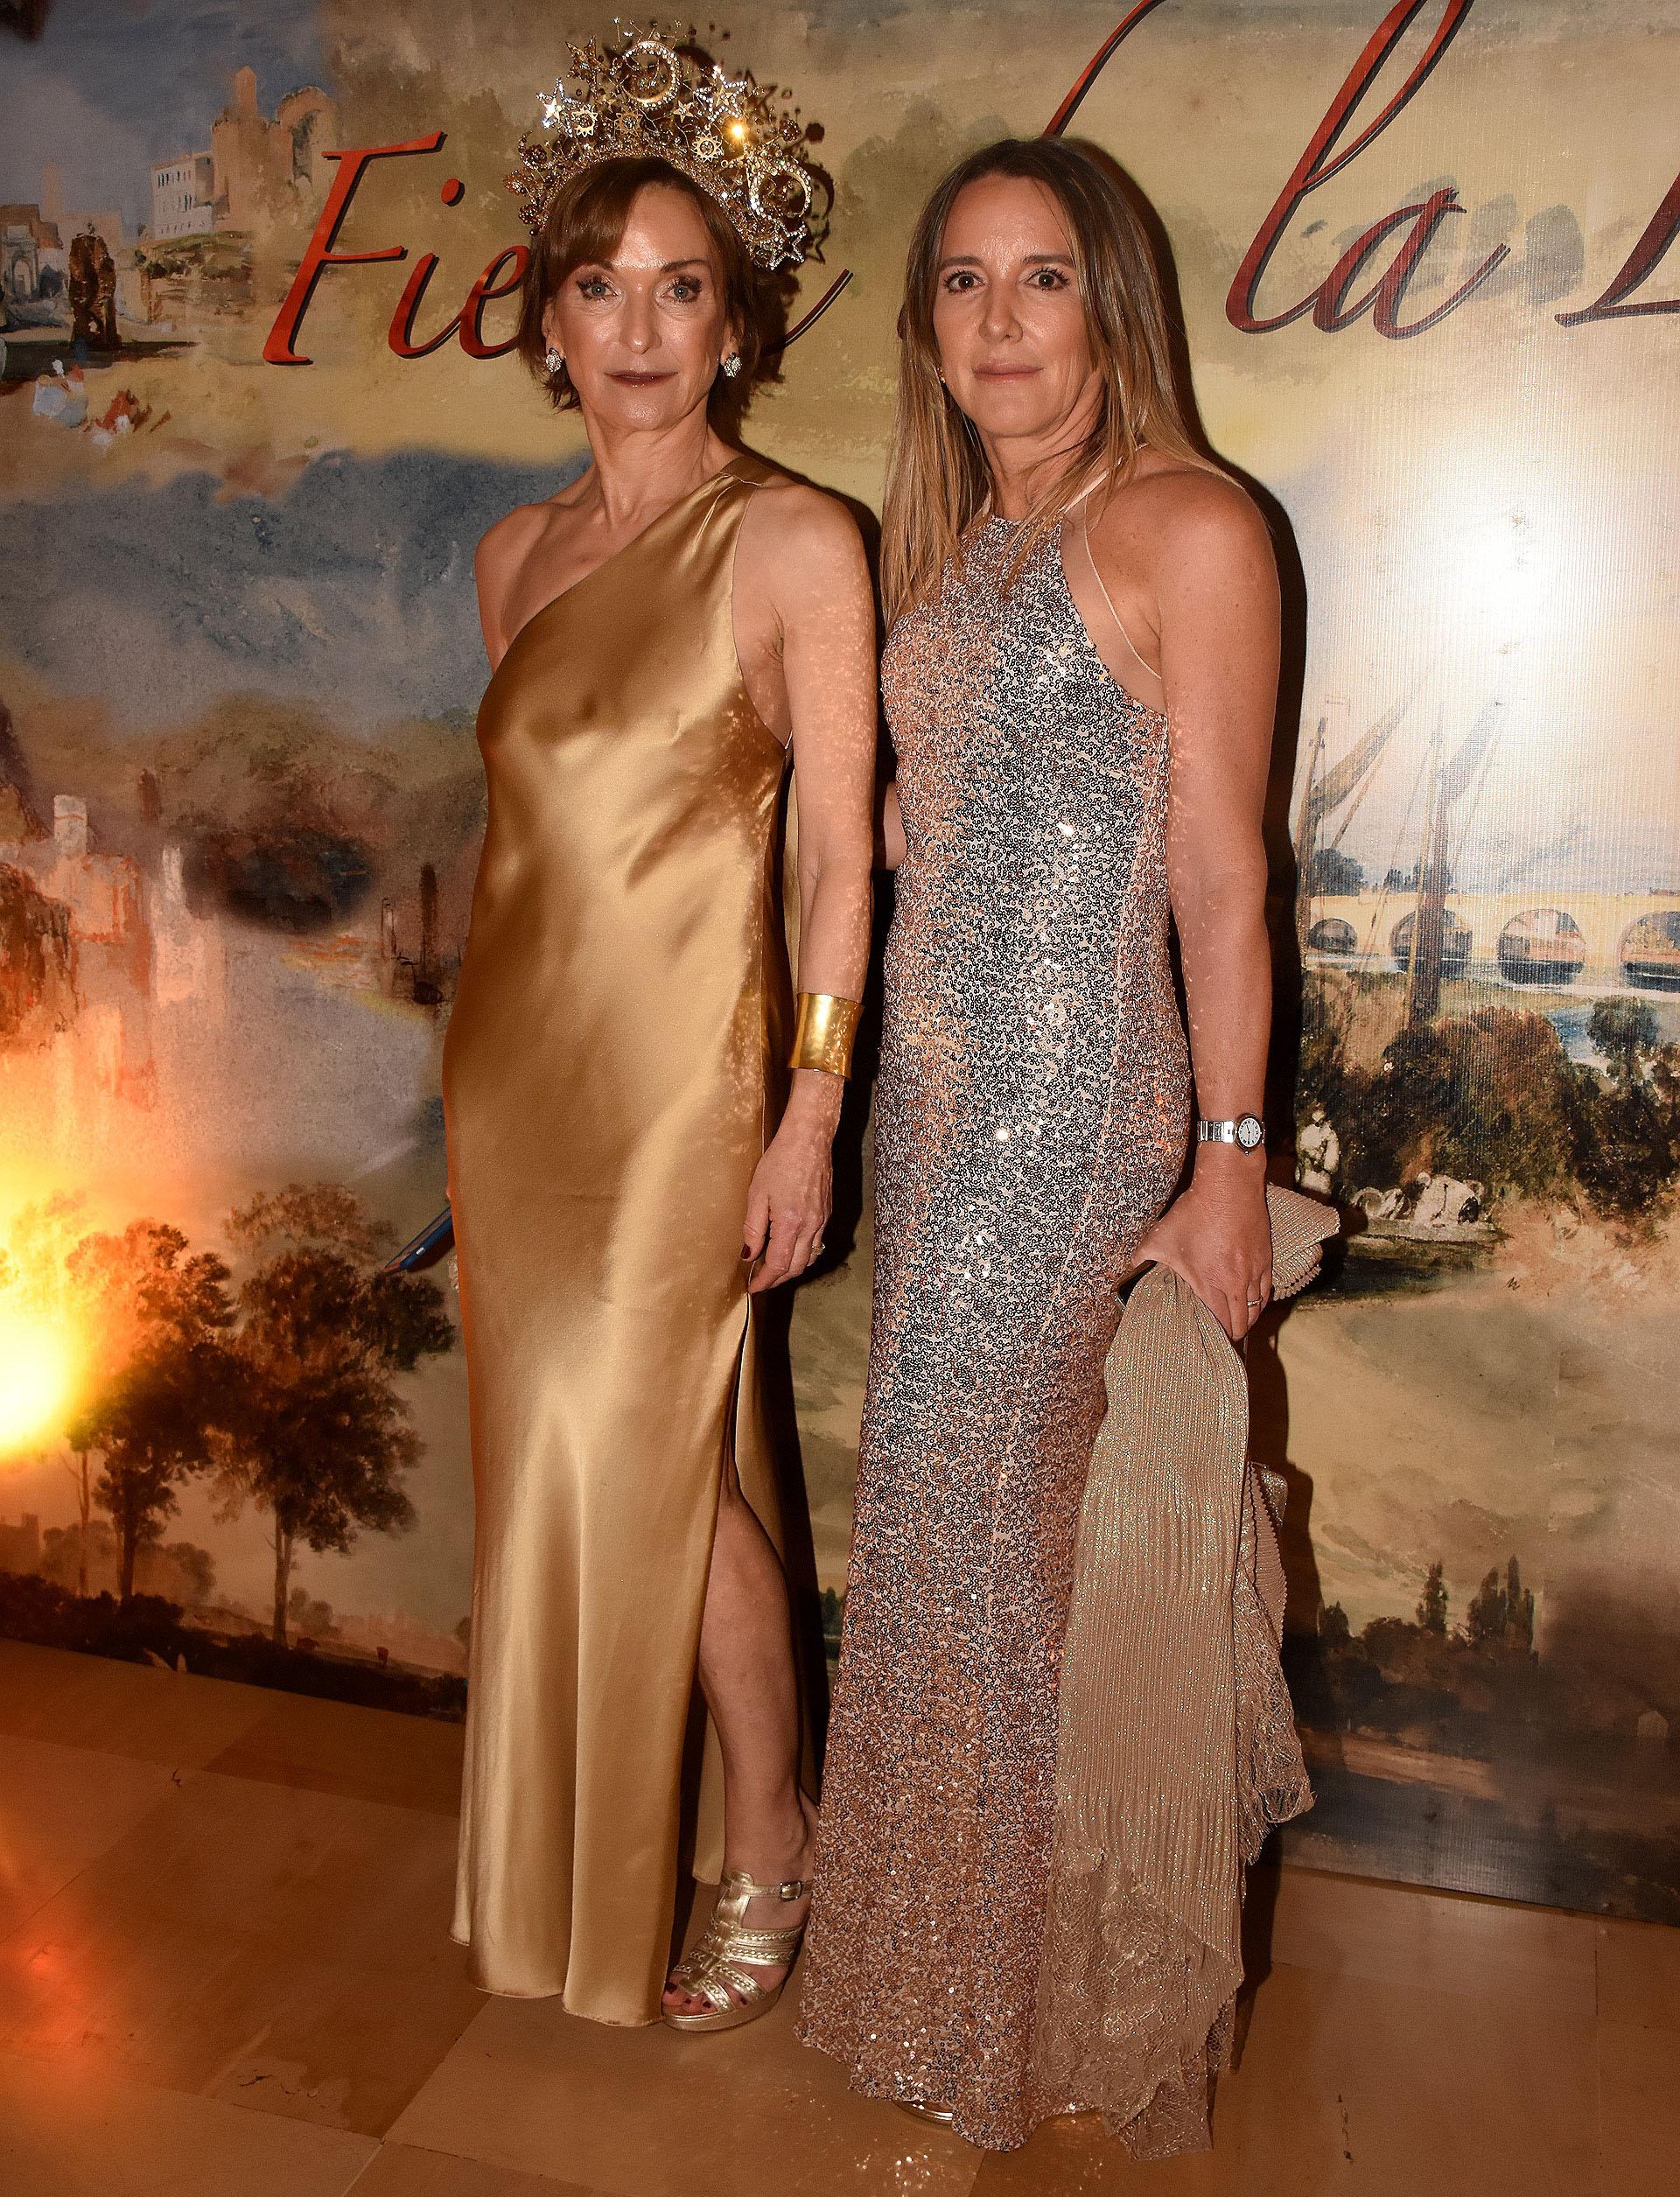 María Irene Herrero y Verónica Zoani de Nutting